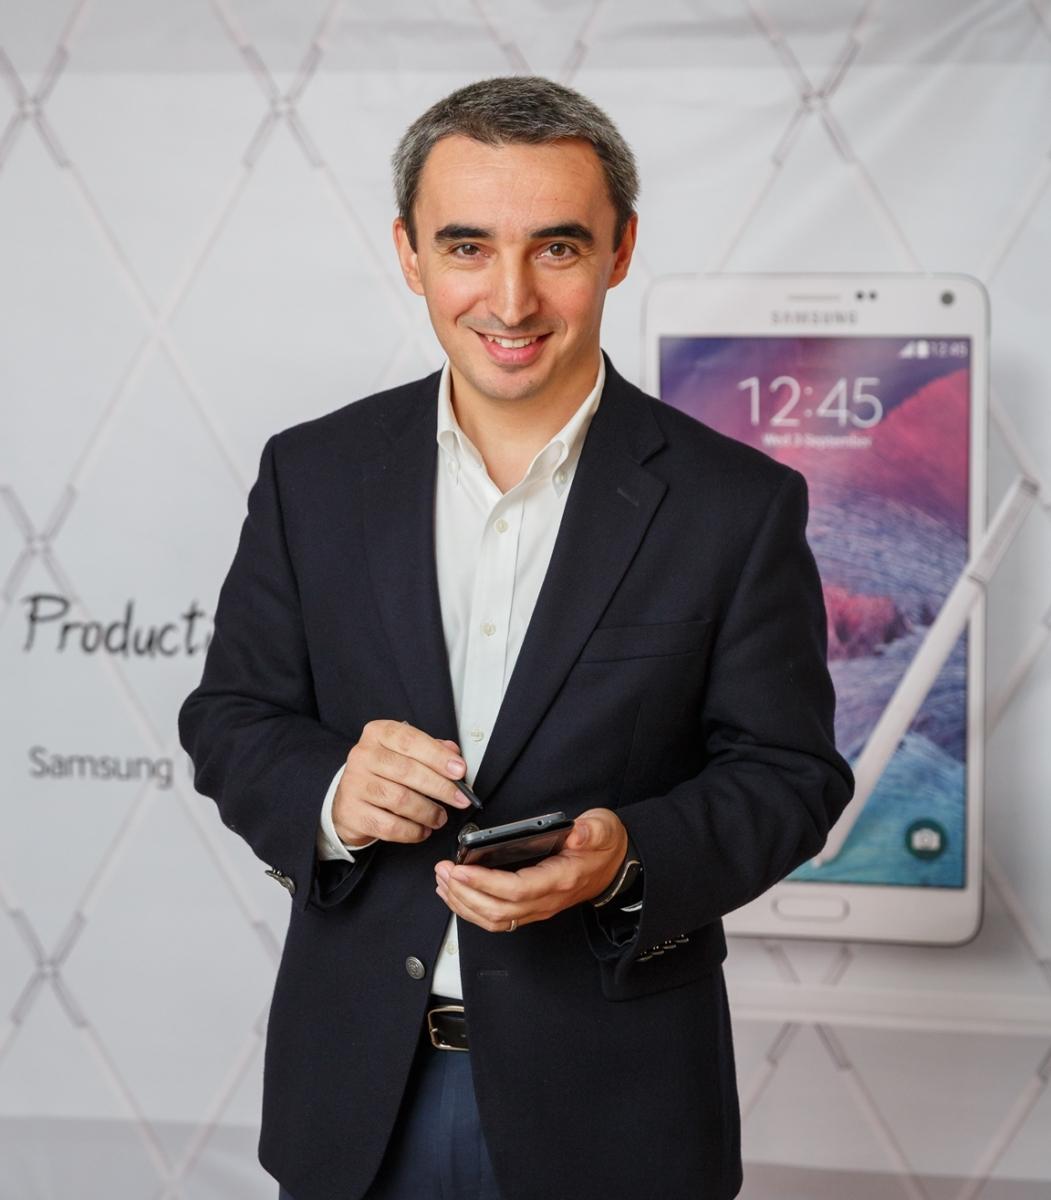 Samsung prezintă 5 metode prin care putem deveni mai eficienți folosind un phablet Galaxy Note 4